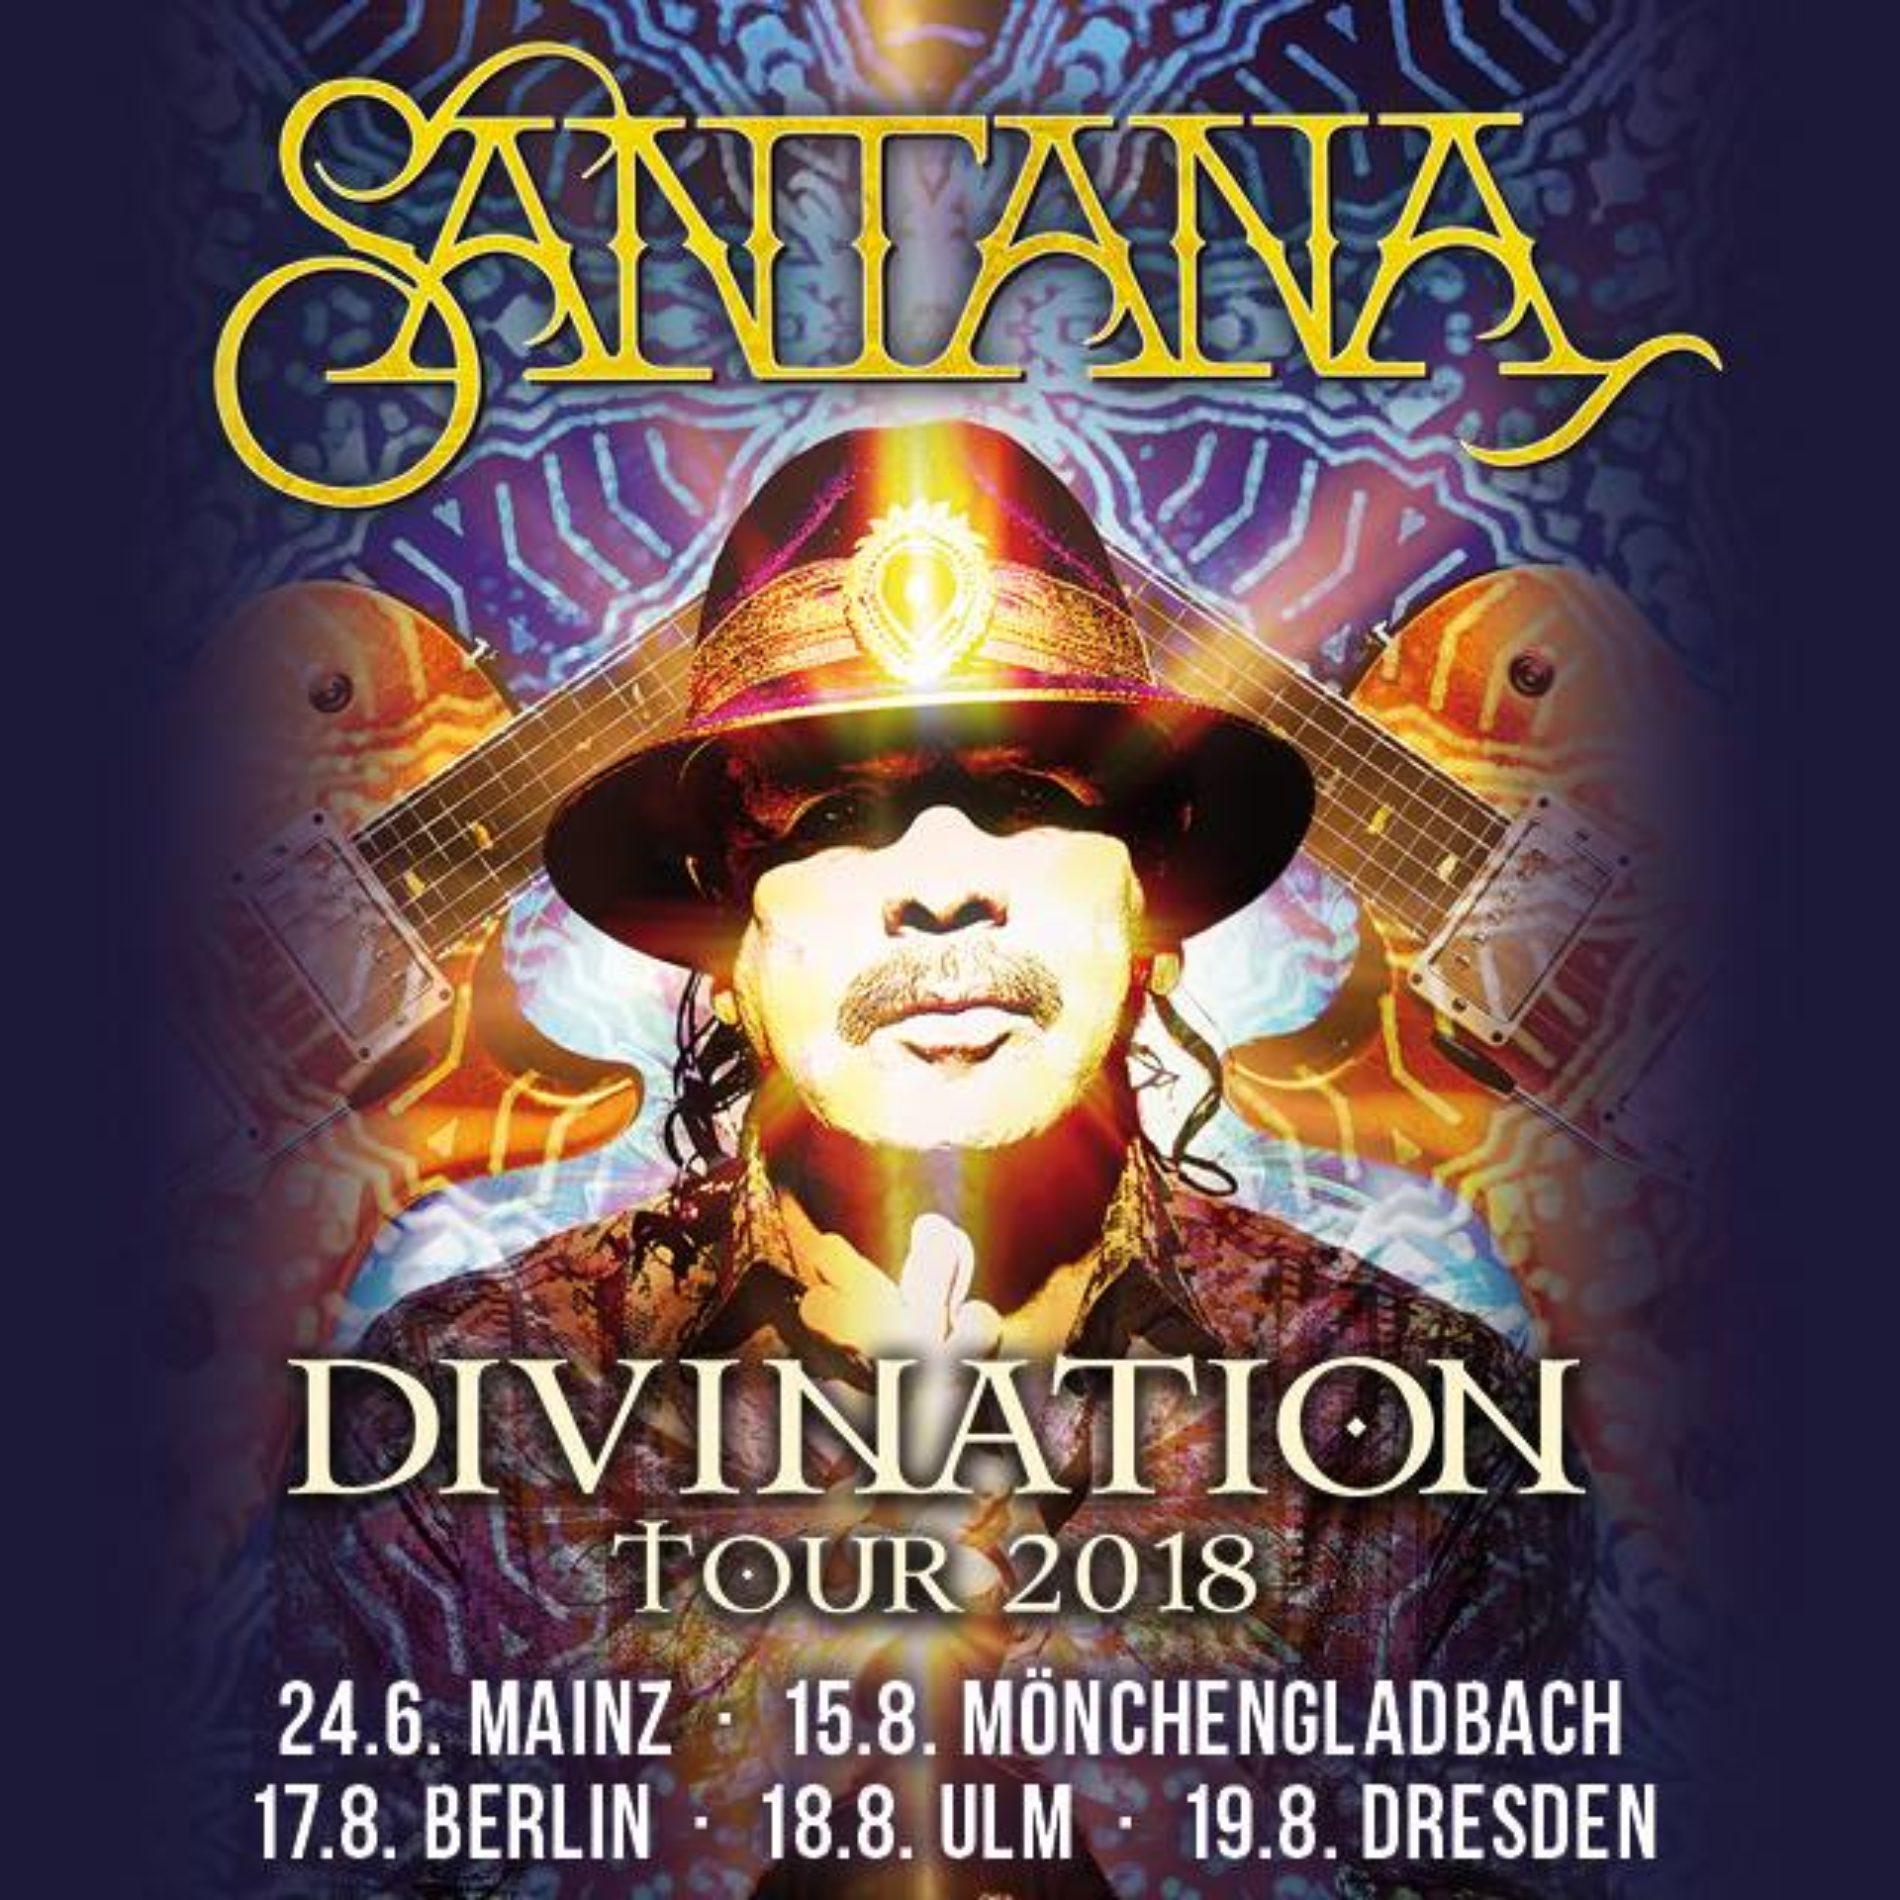 Santana is back!